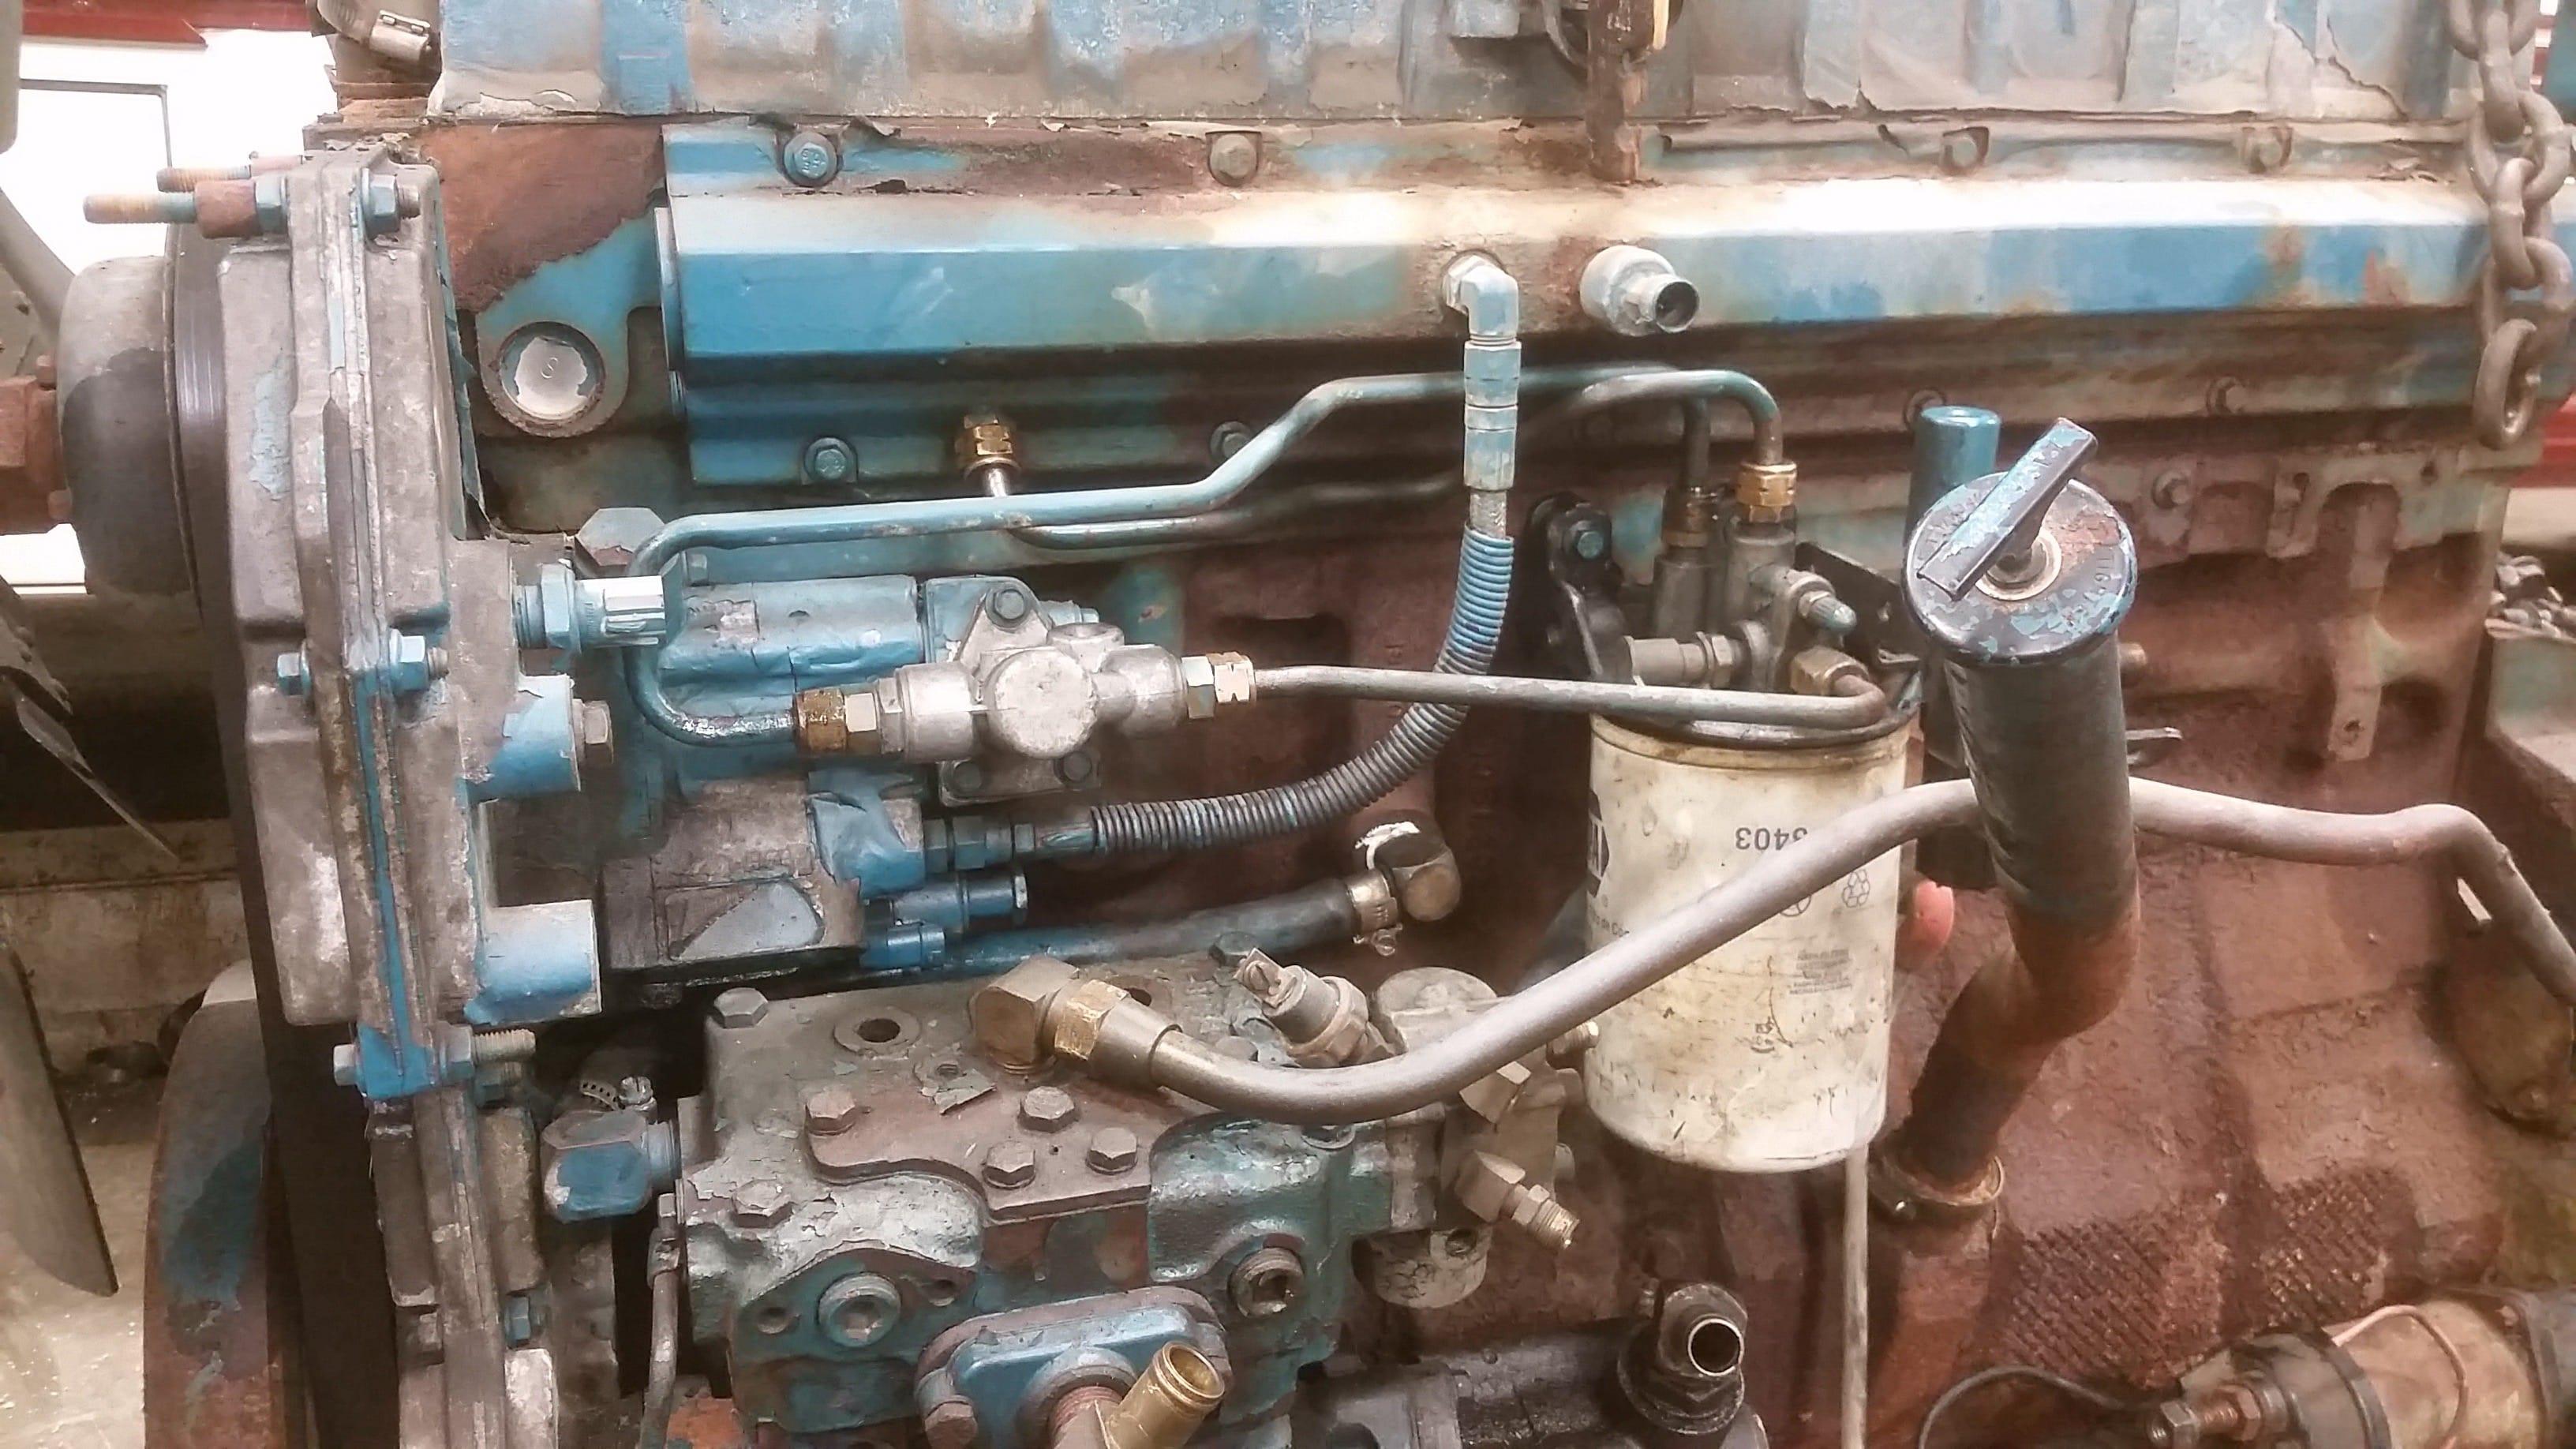 DT466 Fuel Lines